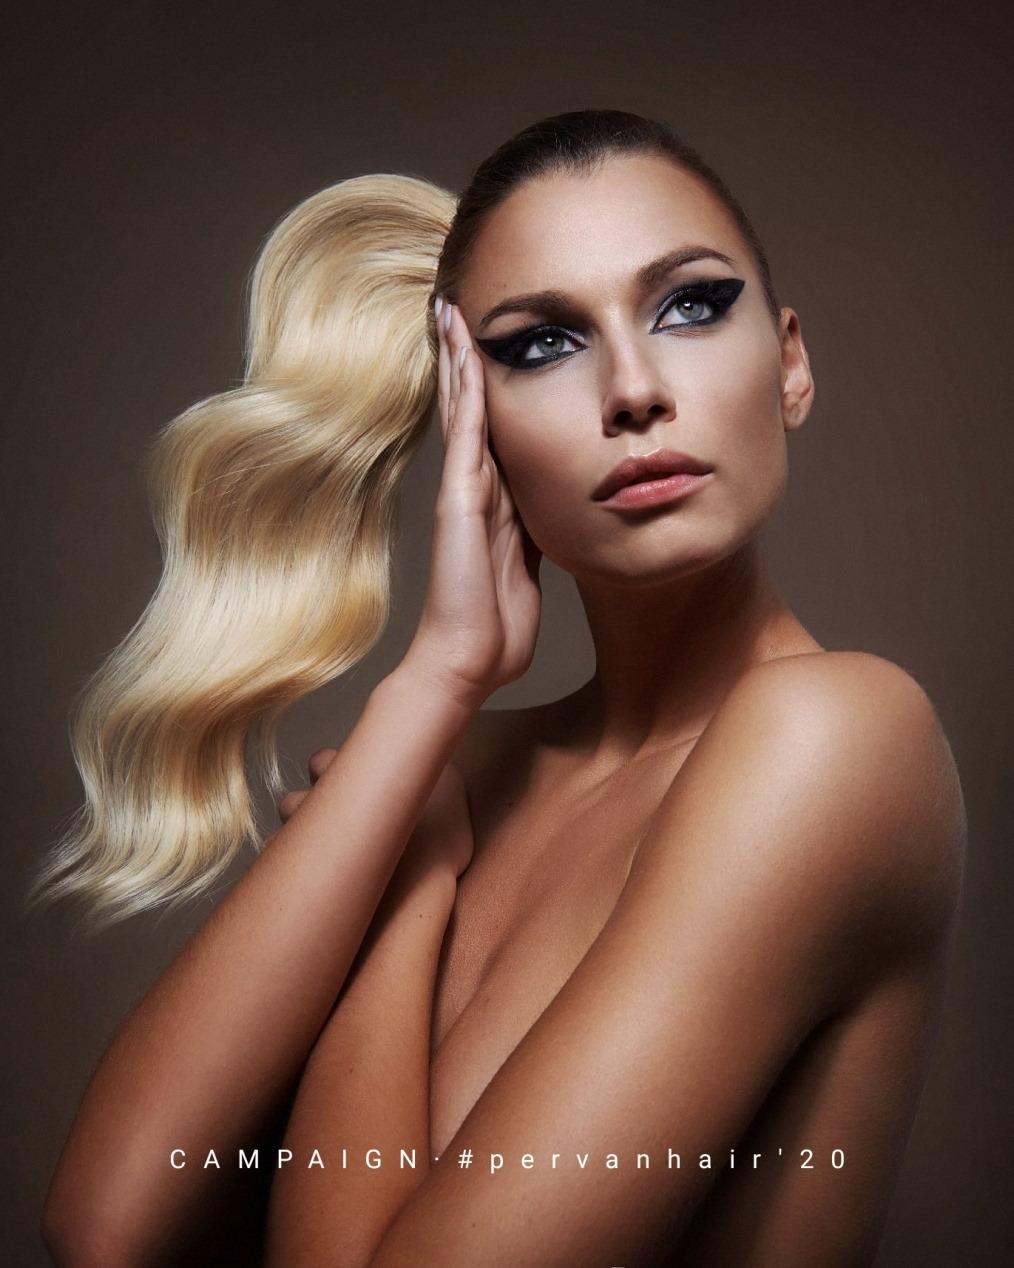 Pervan Hair ima novu kampanju s naglaskom na frizuru koja pristaje svakoj ženi!